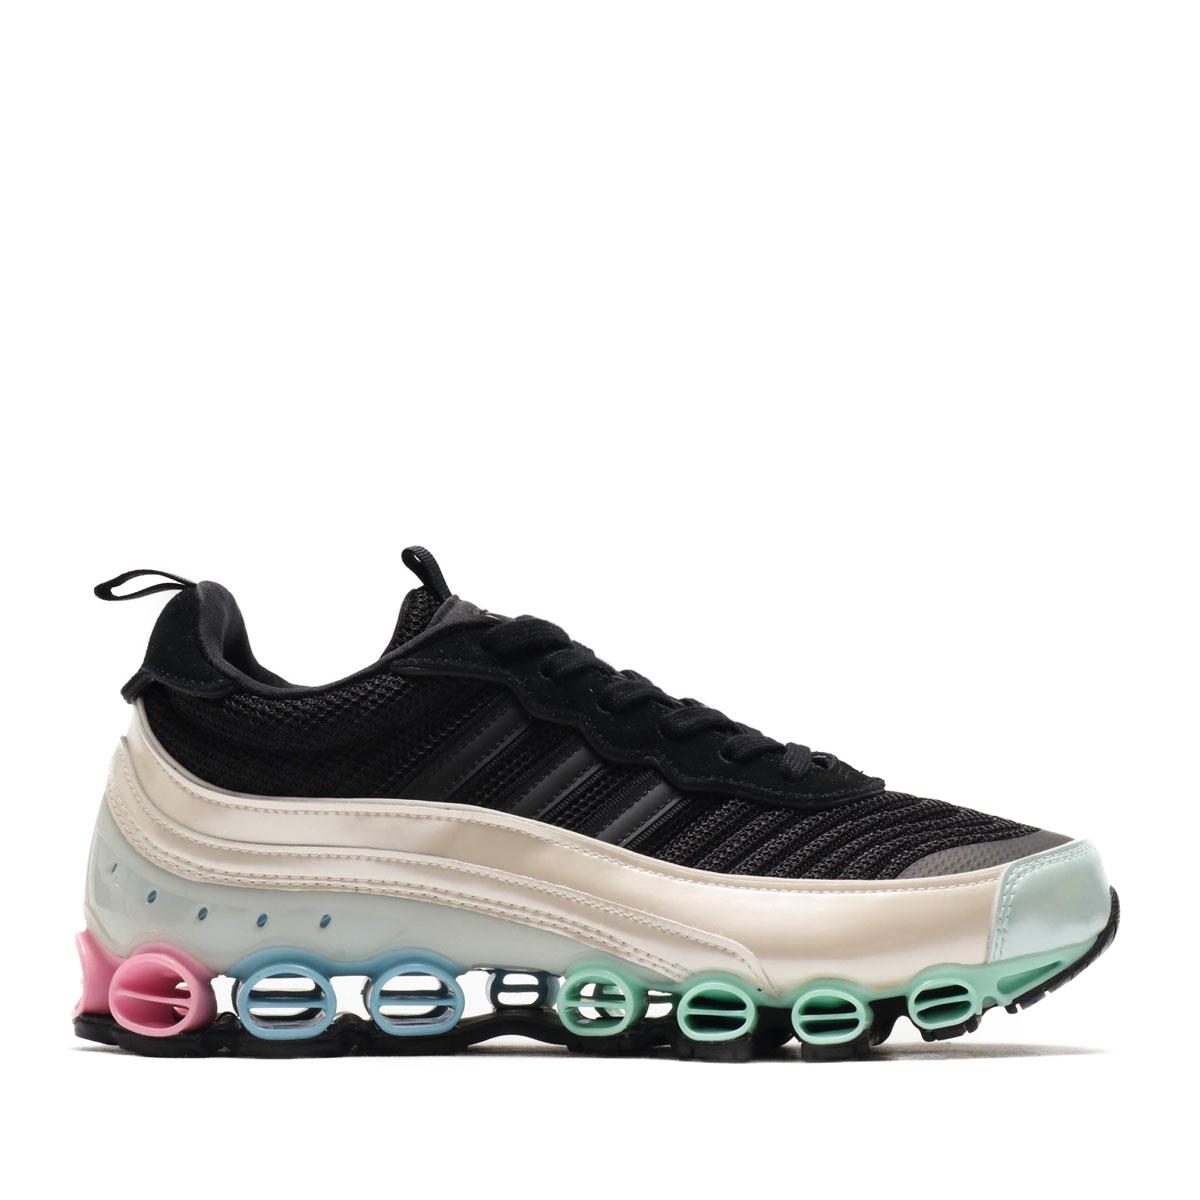 adidas MICROBOUNCE T1(CORE BLACK/CORE BLACK/CREAM WHITE)(アディダス ミクロバウンス T1)【メンズ】【スニーカー】【20SS-I】